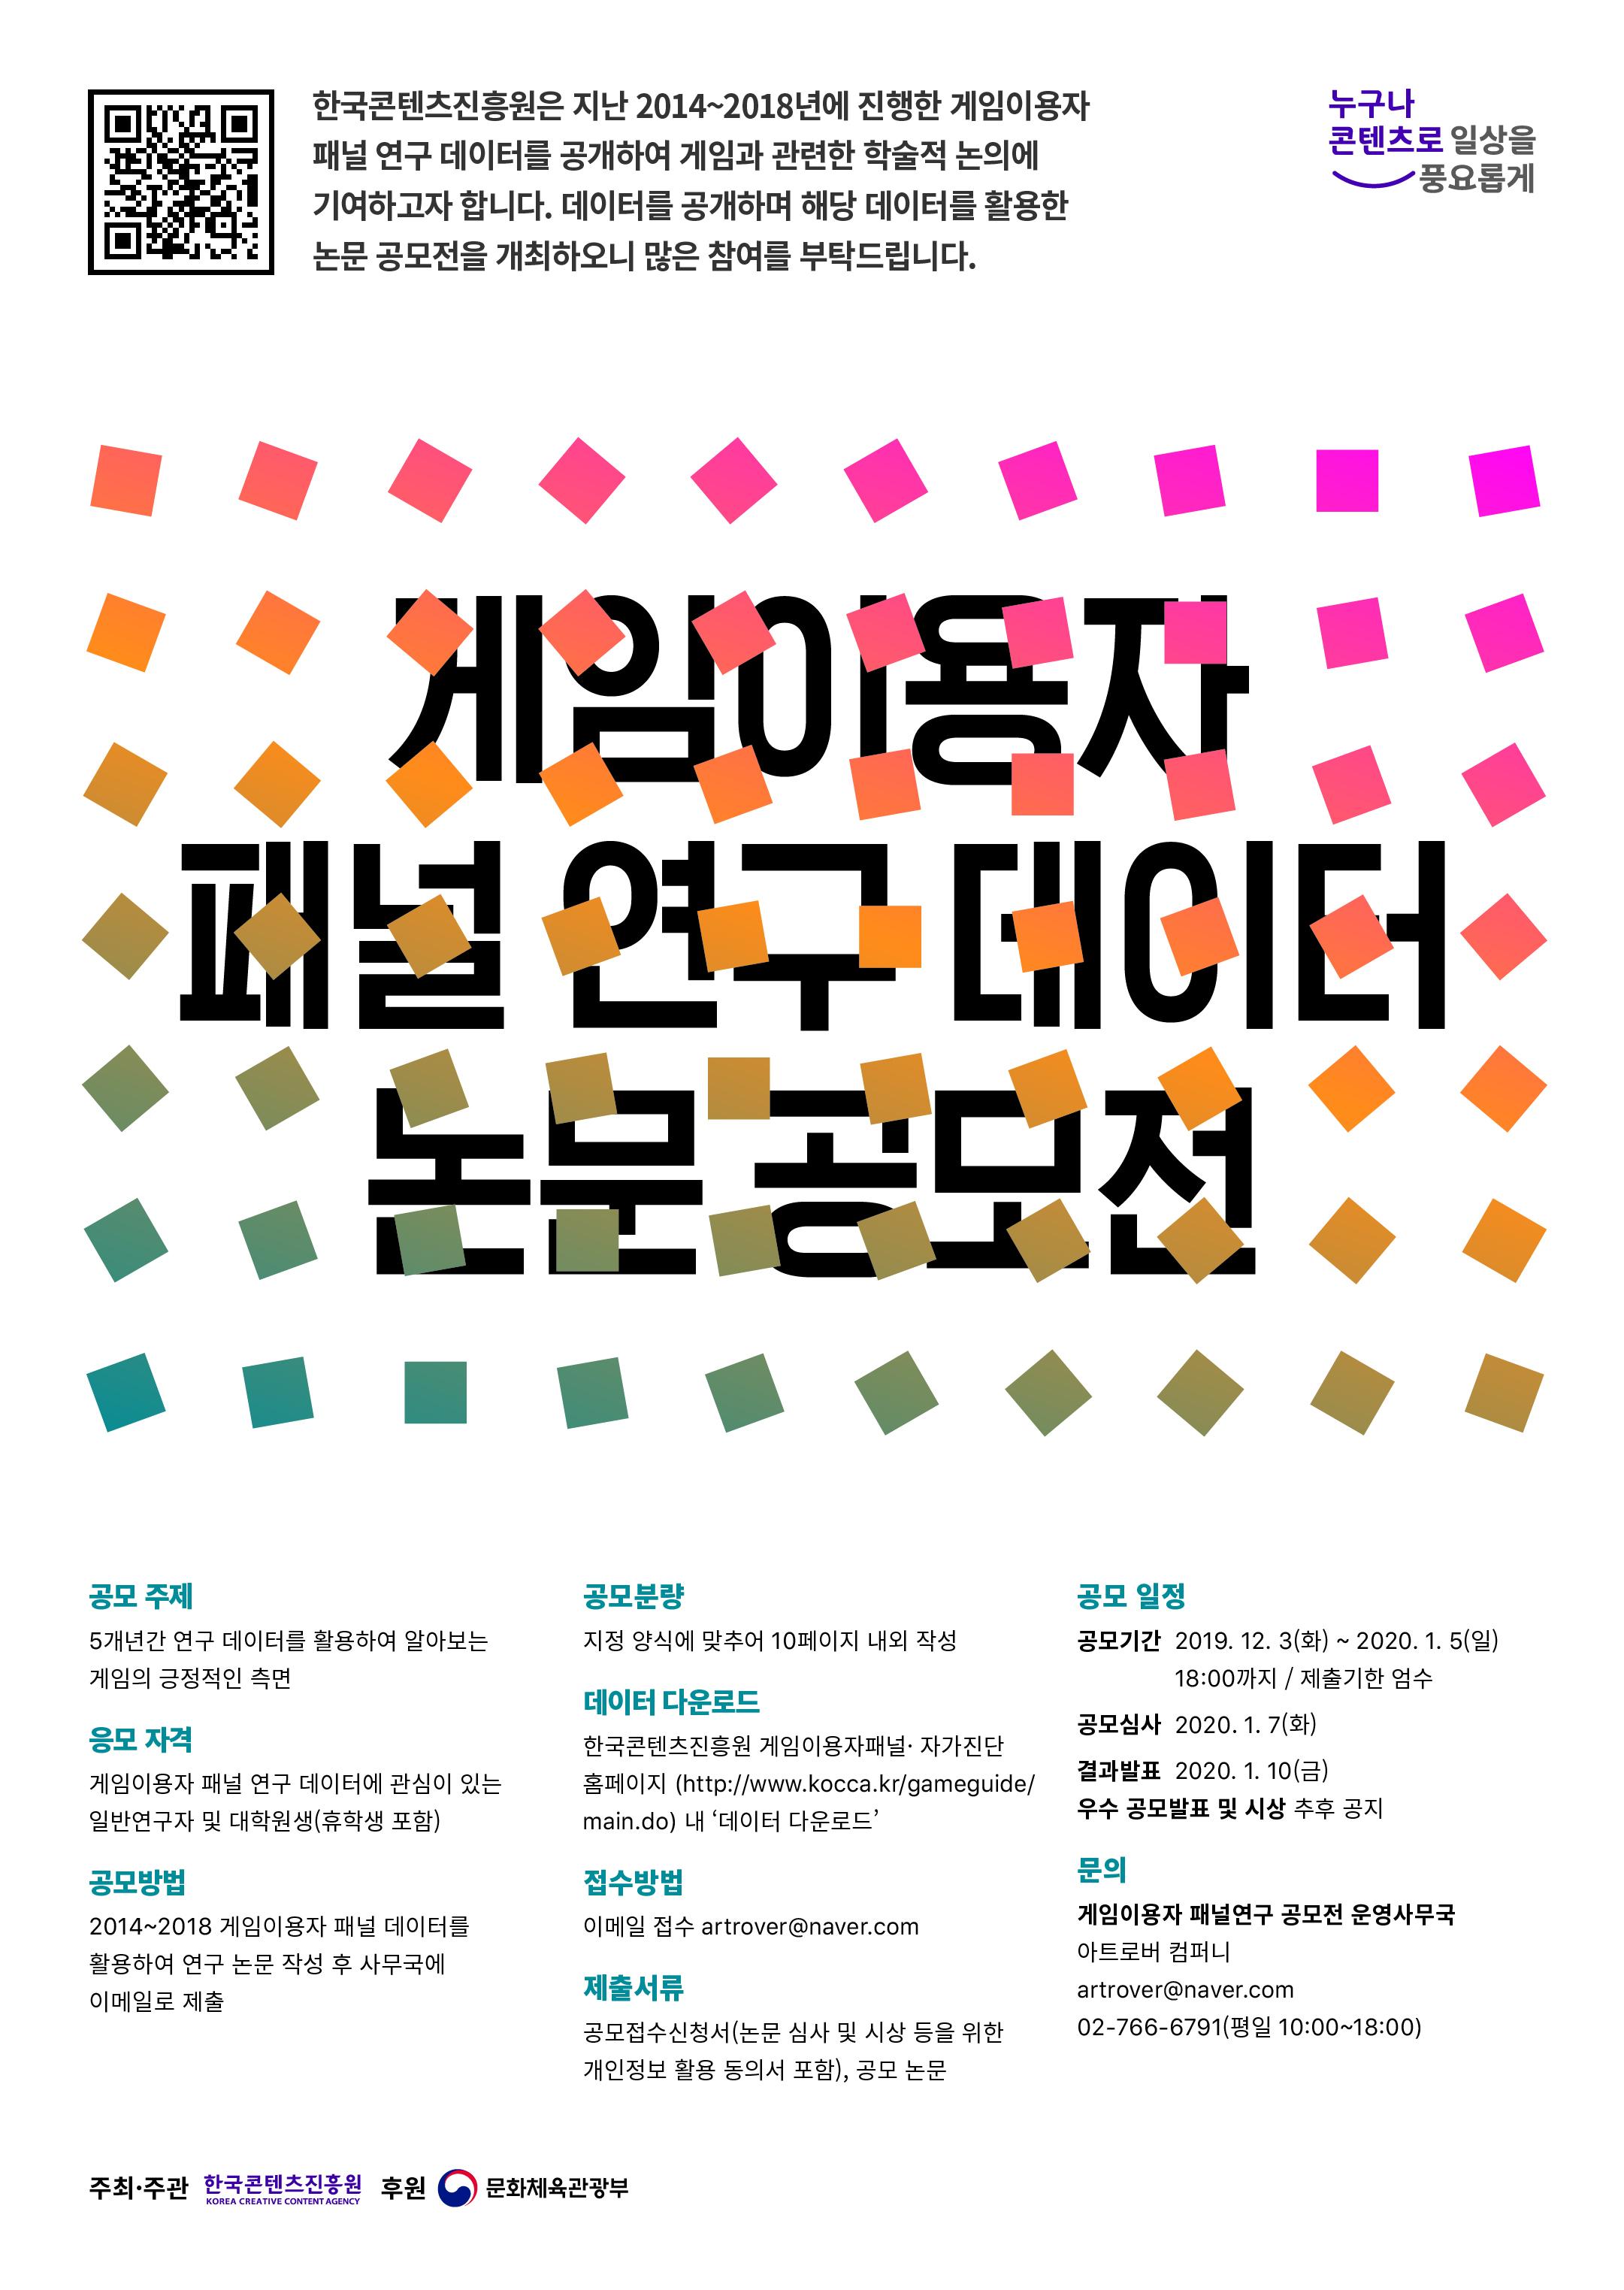 [한국콘텐츠진흥원] 게임이용자 패널 연구 공모전 개최